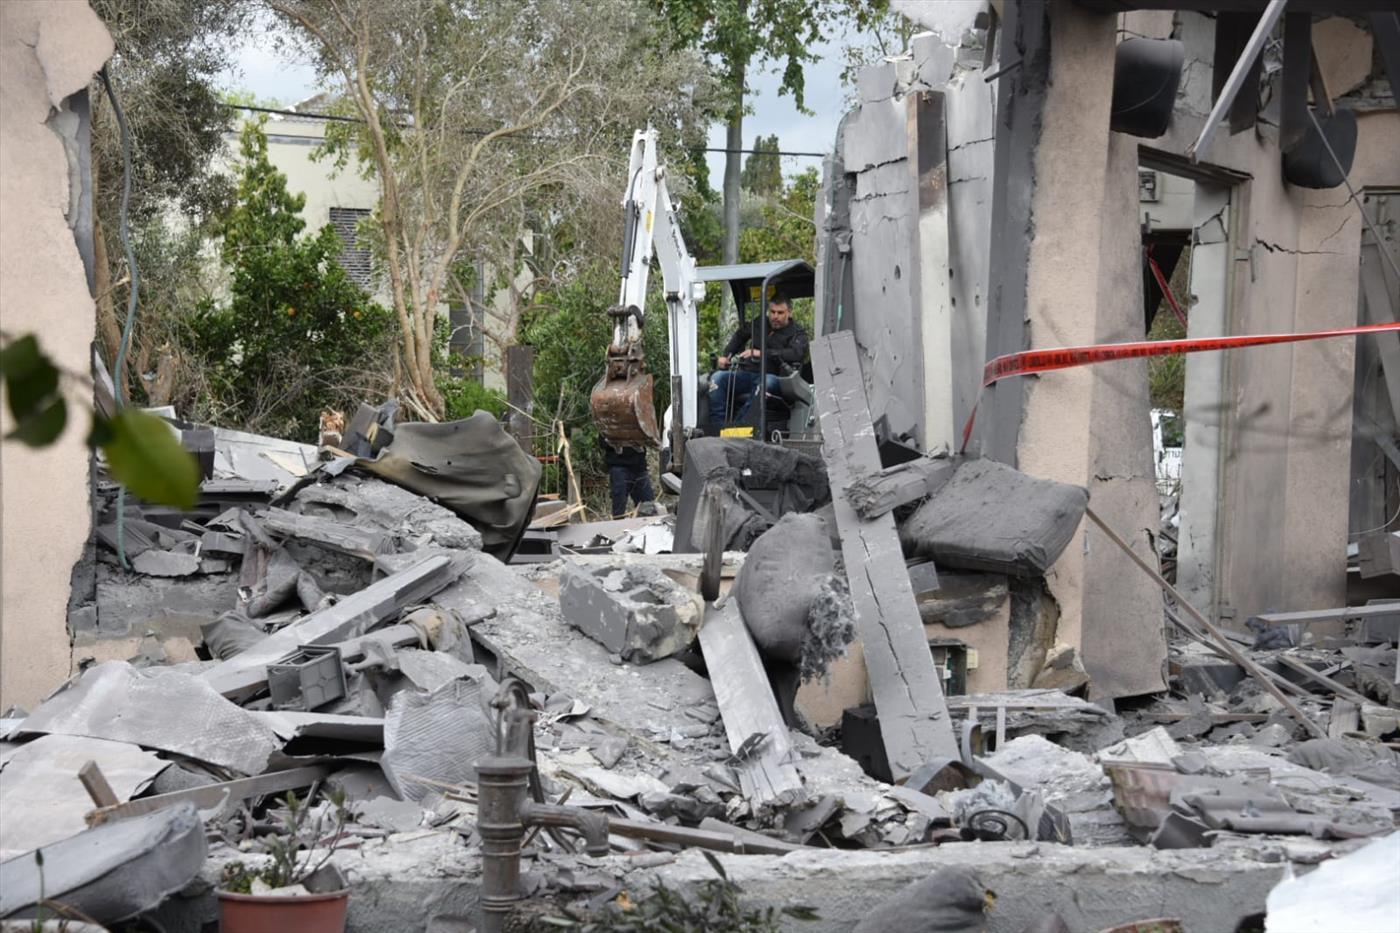 פגיעת הטיל בבית בשרון  (צילום: משטרת ישראל)